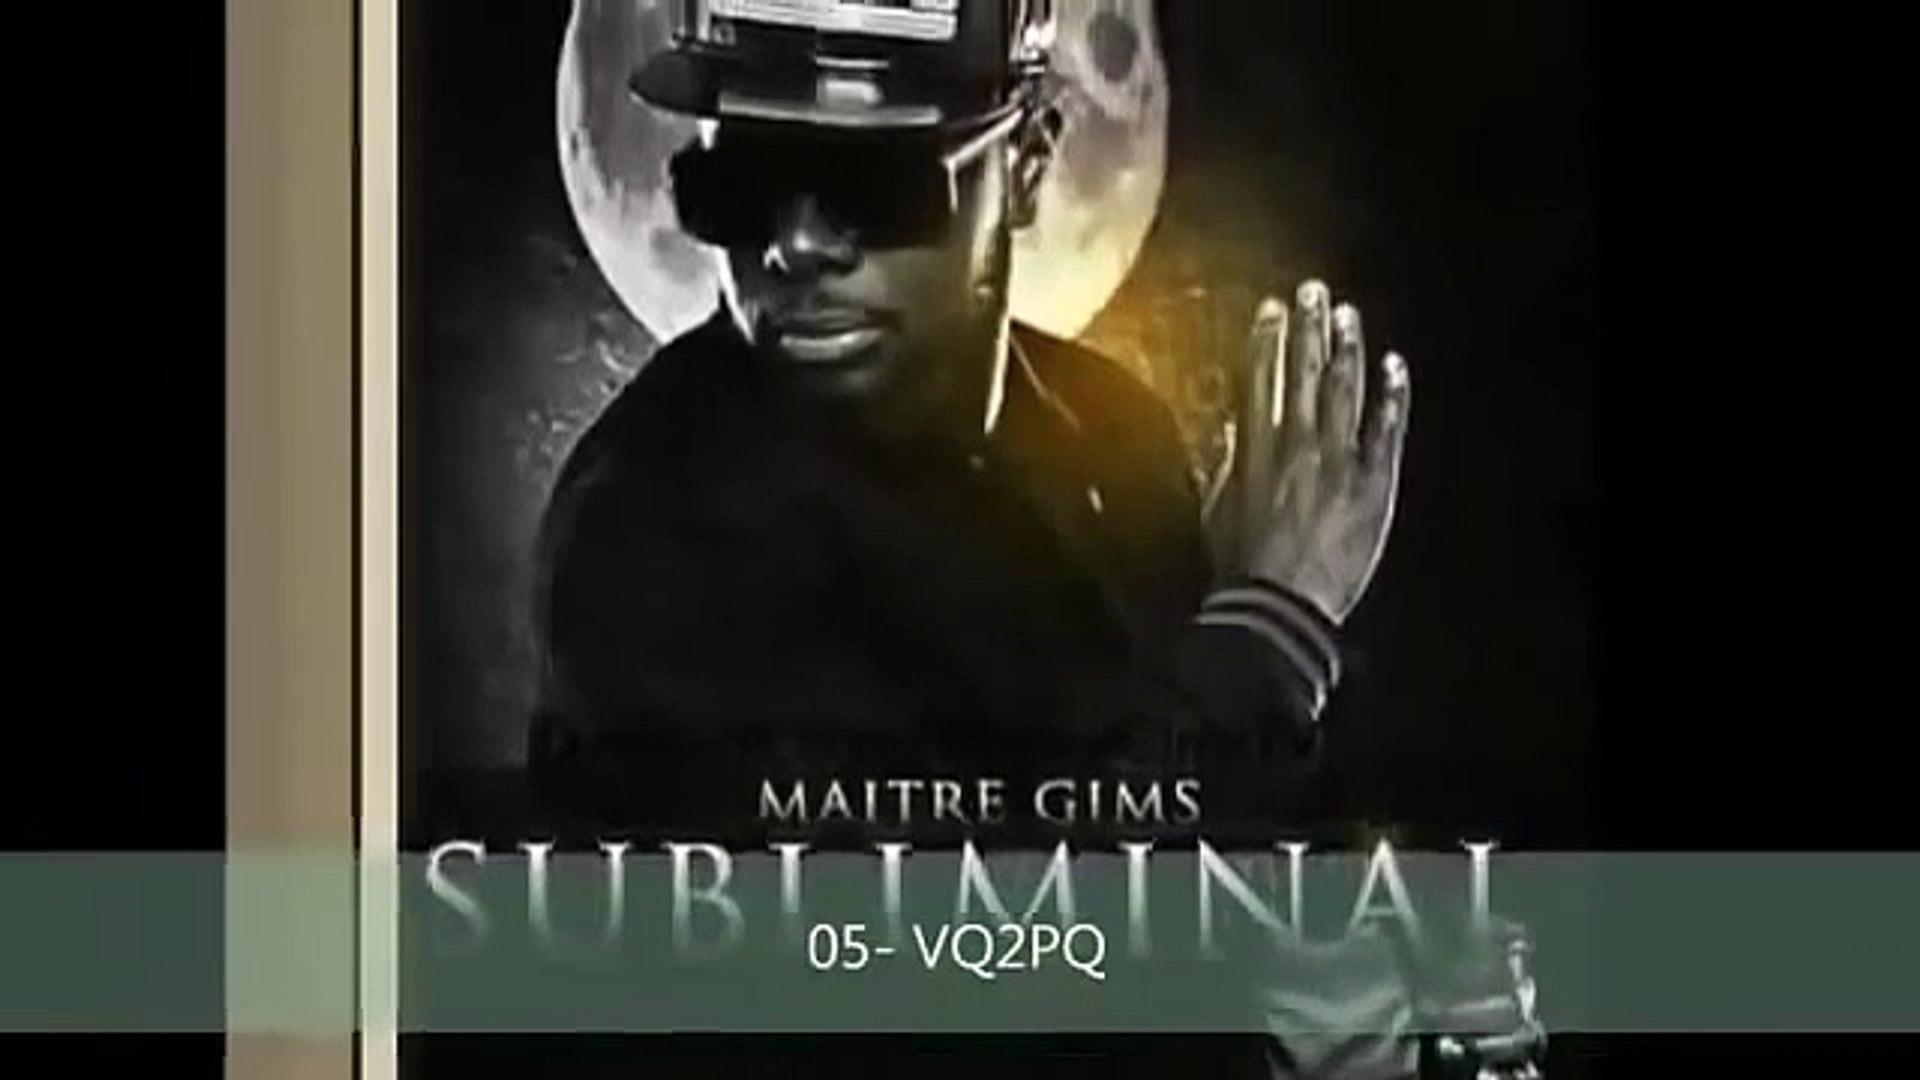 TÉLÉCHARGER ALBUM MAITRE GIMS SUBLIMINAL GRATUIT